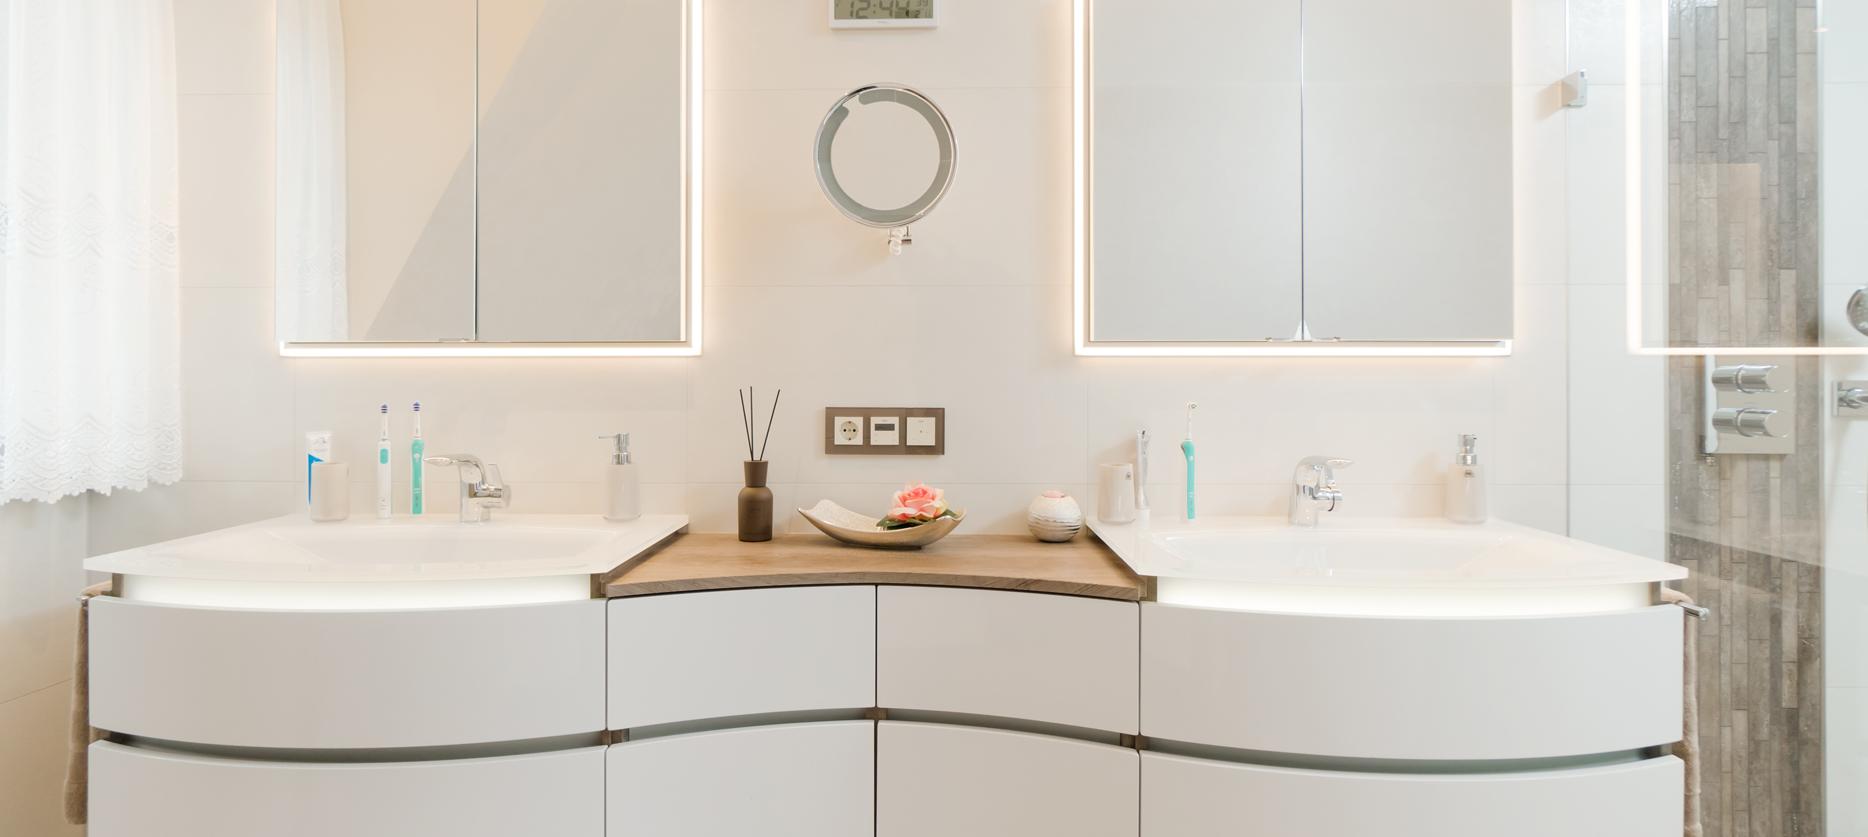 Waschbecken mit stilvollen Unterschränken und Spiegeln mit indirektem Licht